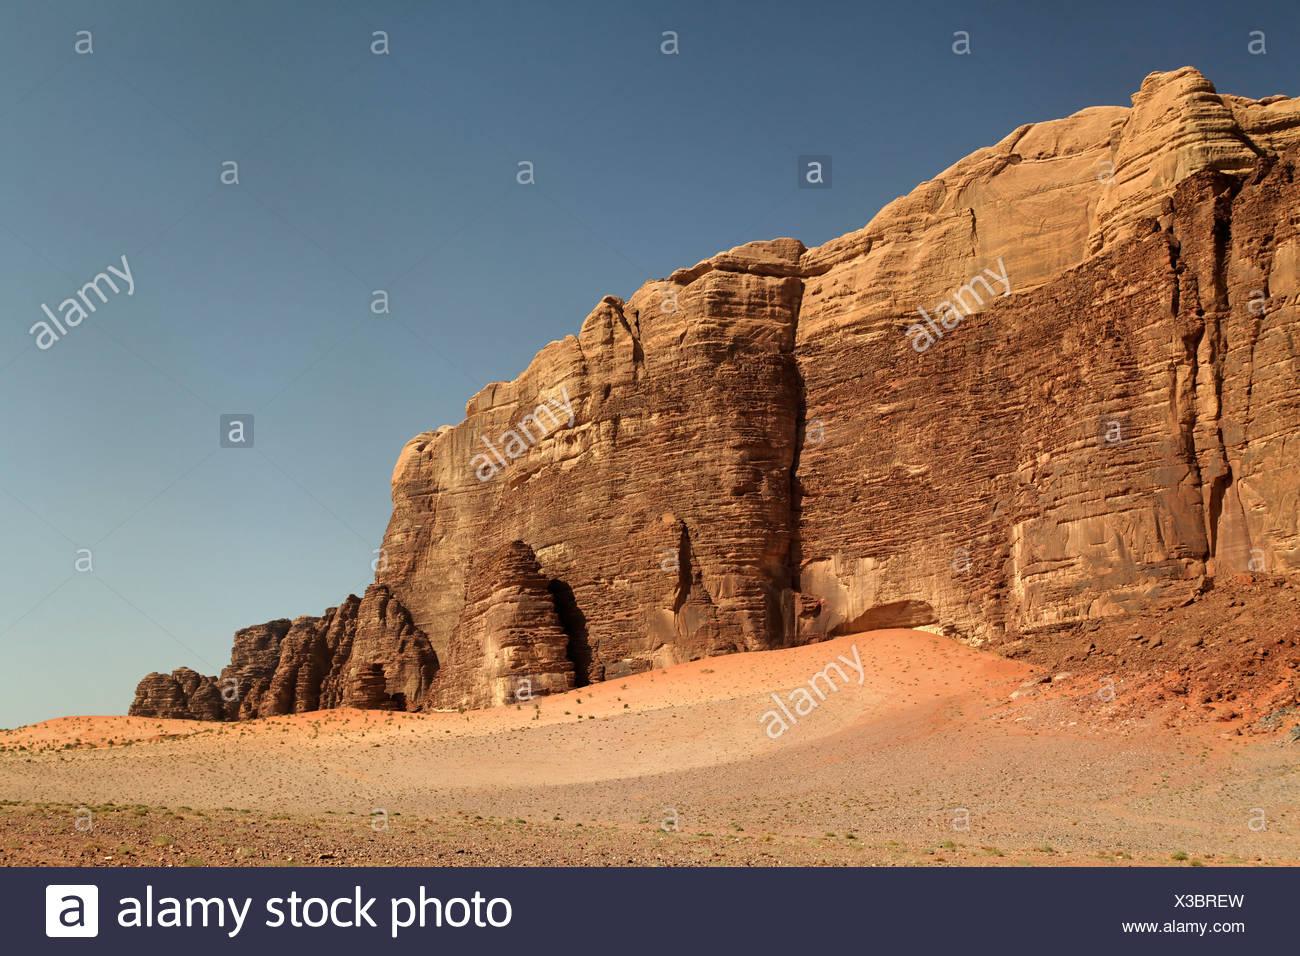 Wüste Ebene mit einem steigenden Bergmassiv, Wadi Rum, Haschemitischen Königreich Jordanien, Naher Osten, Asien Stockbild